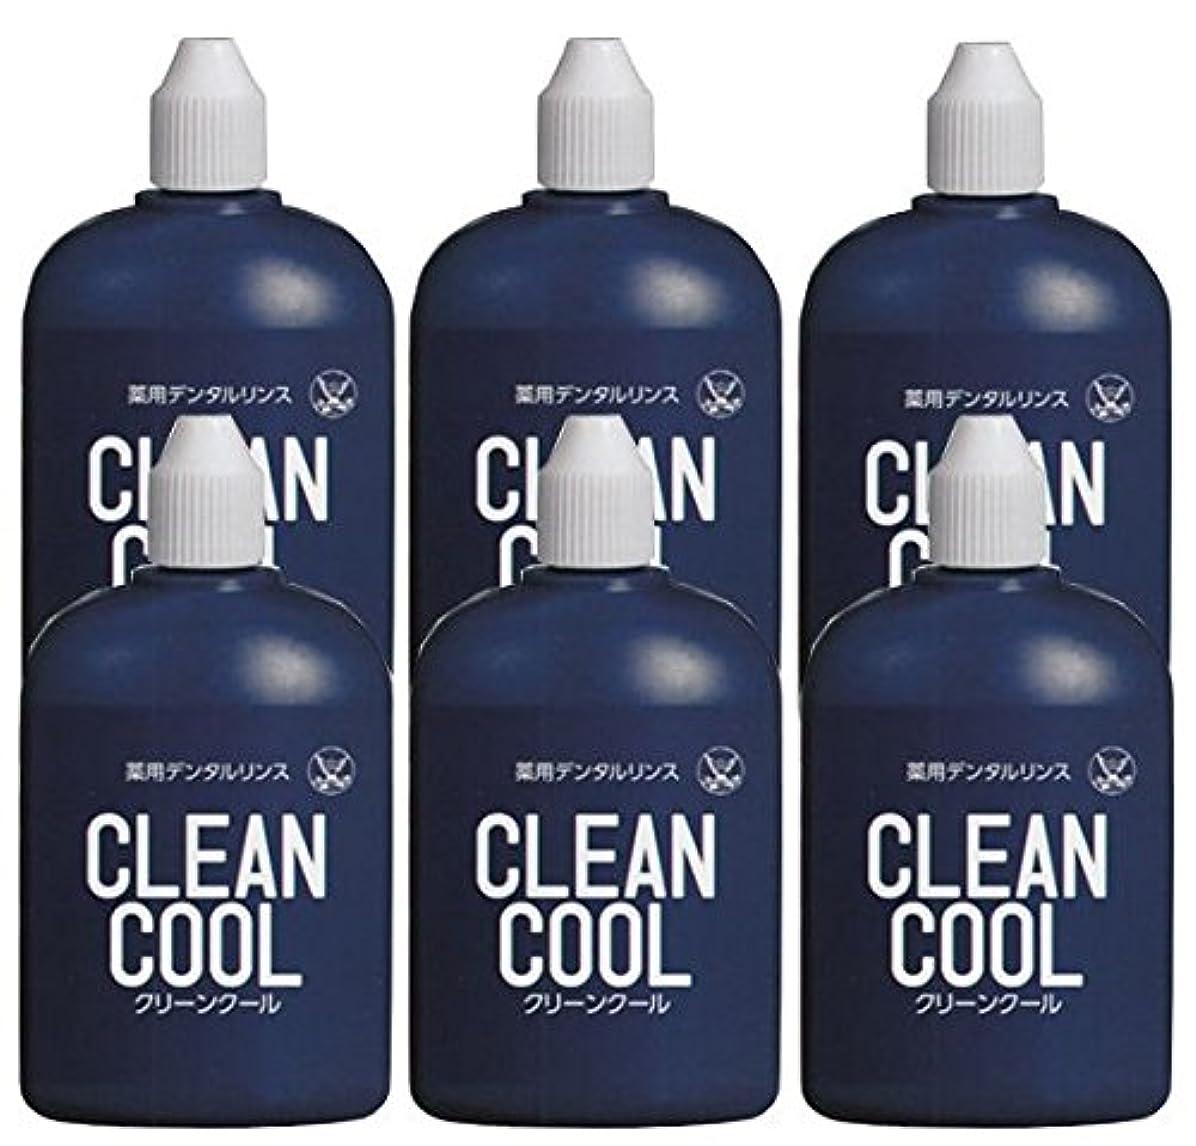 カンガルーホステル宿泊薬用デンタルリンス クリーンクール (CLEAN COOL) 洗口液 100ml × 6個